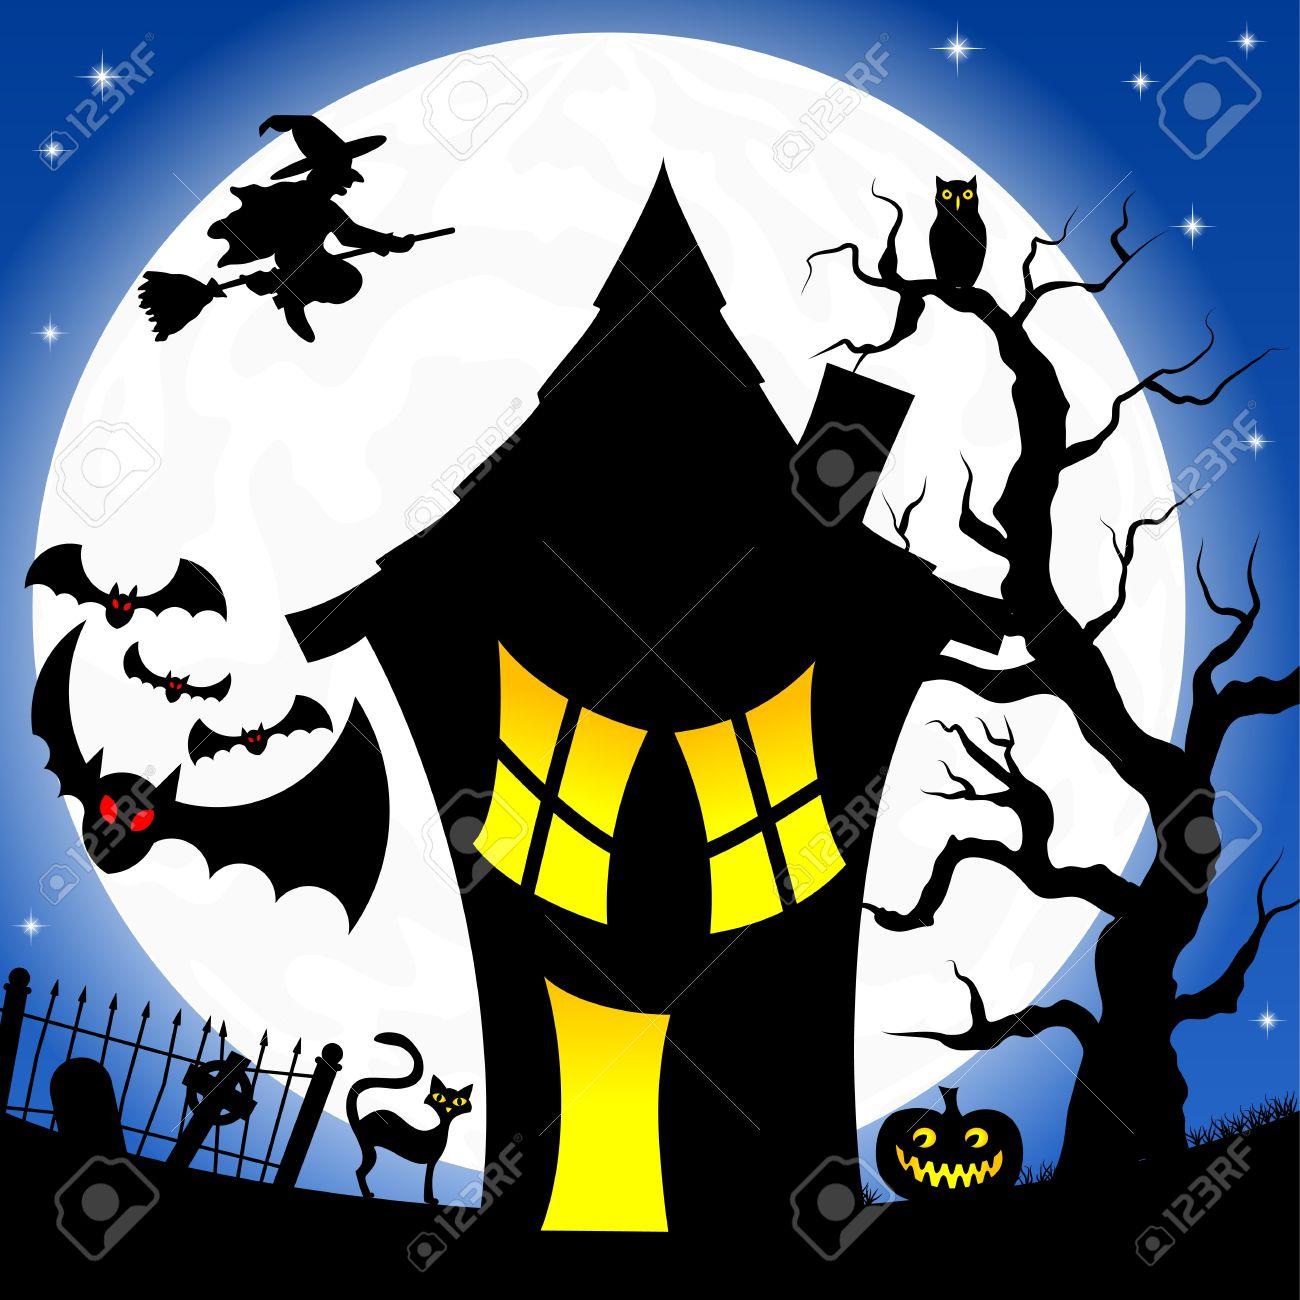 Banque dimages illustration dune maison de sorcière dans une nuit de pleine lune